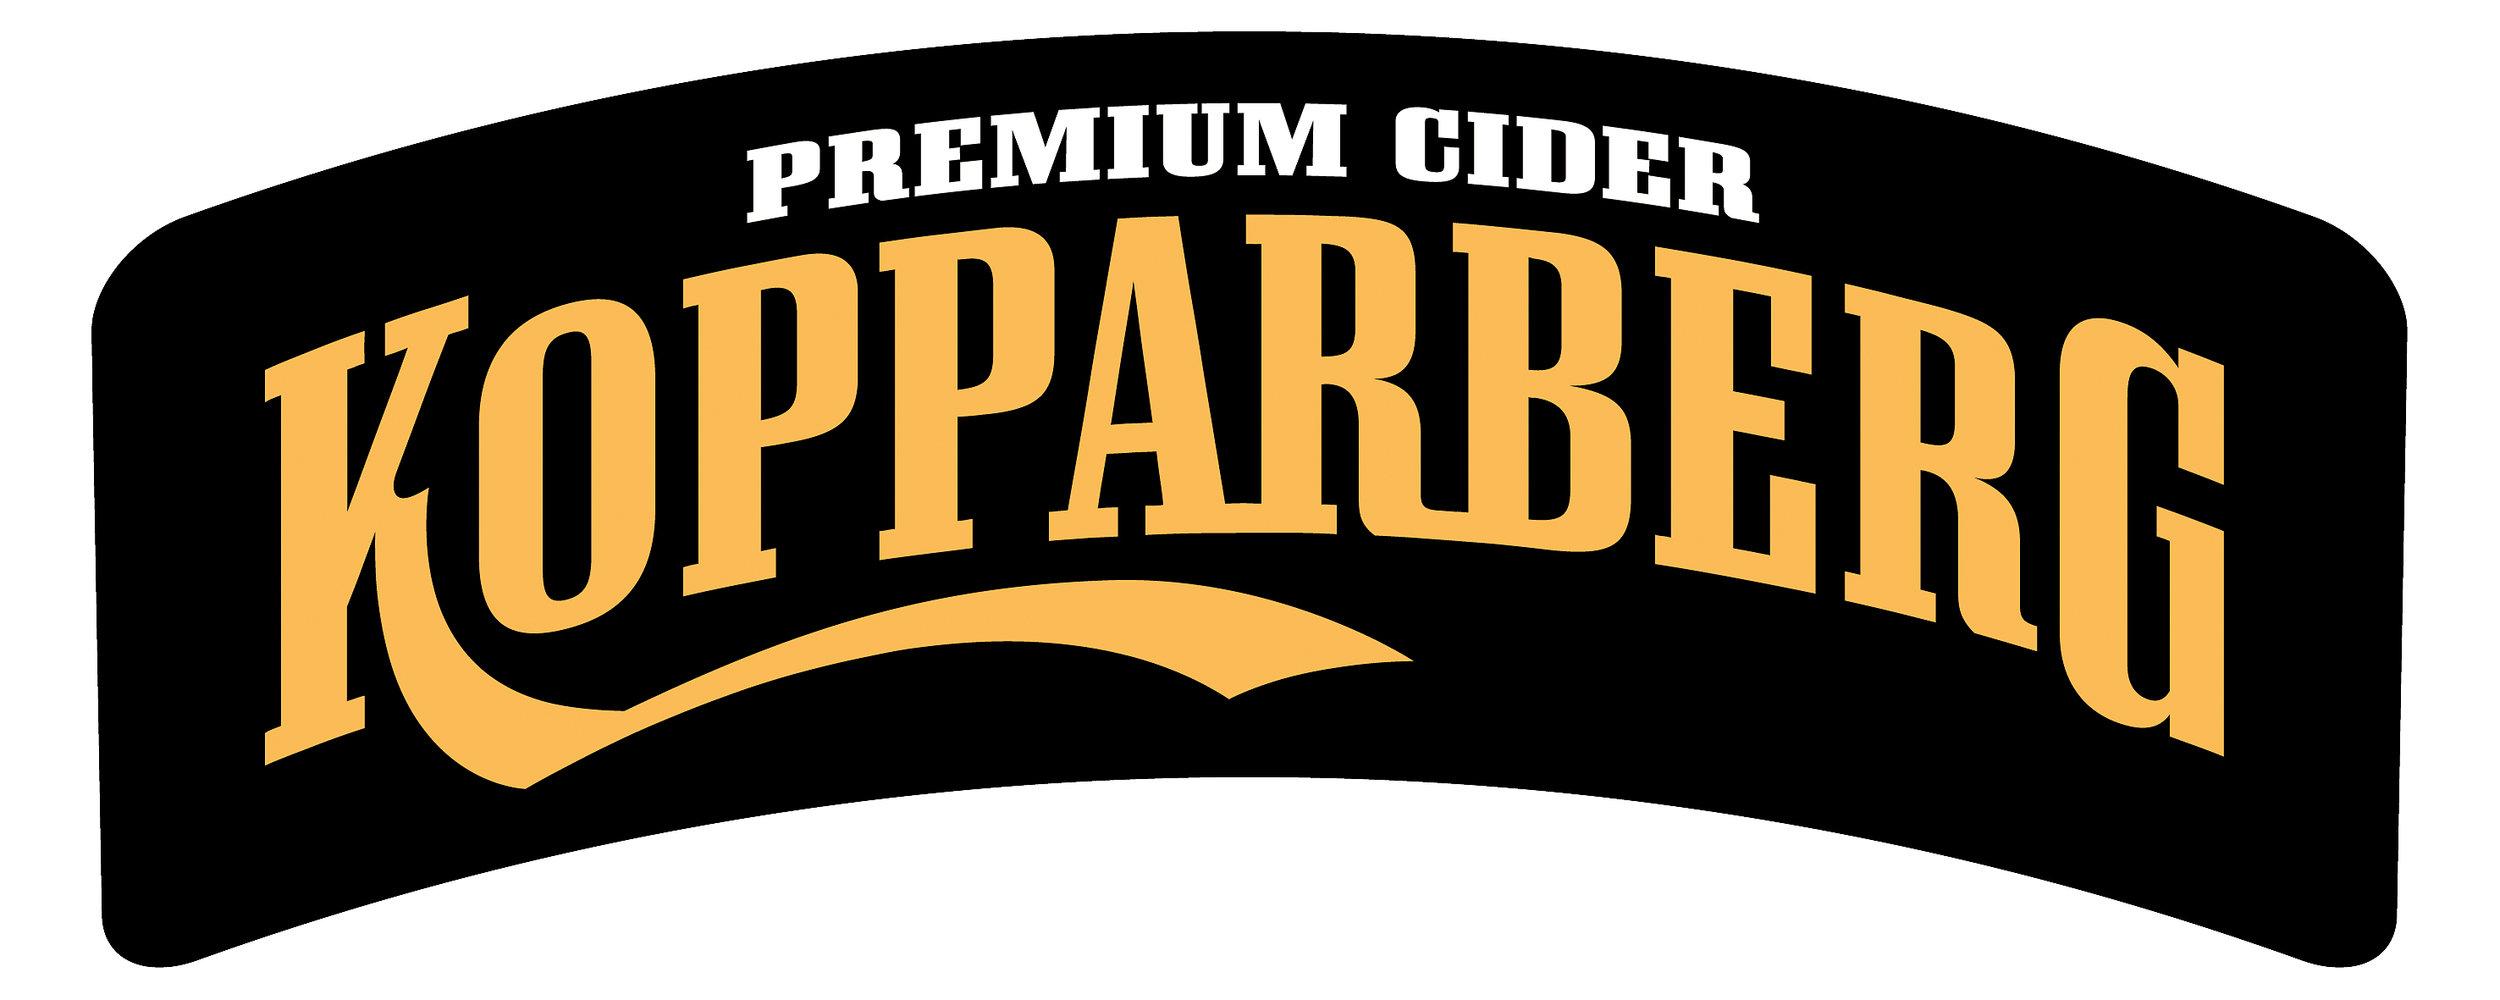 Kopparberg Logo background.jpg